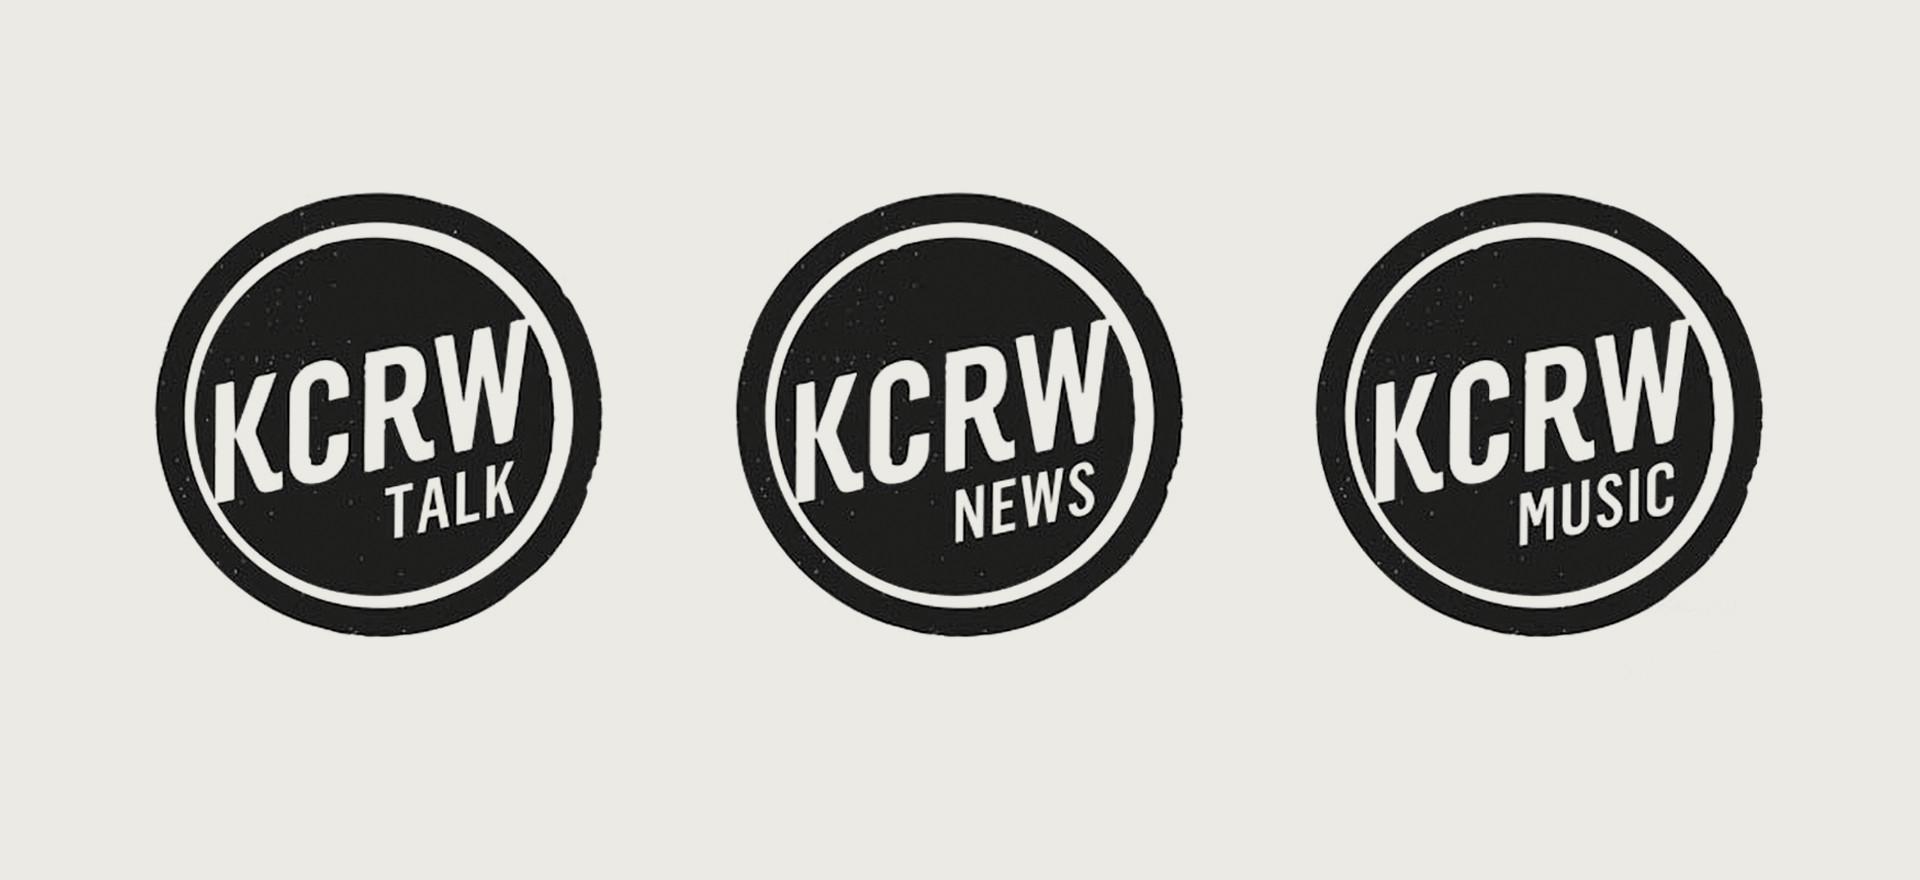 KCRW_Rebrand_06.jpg